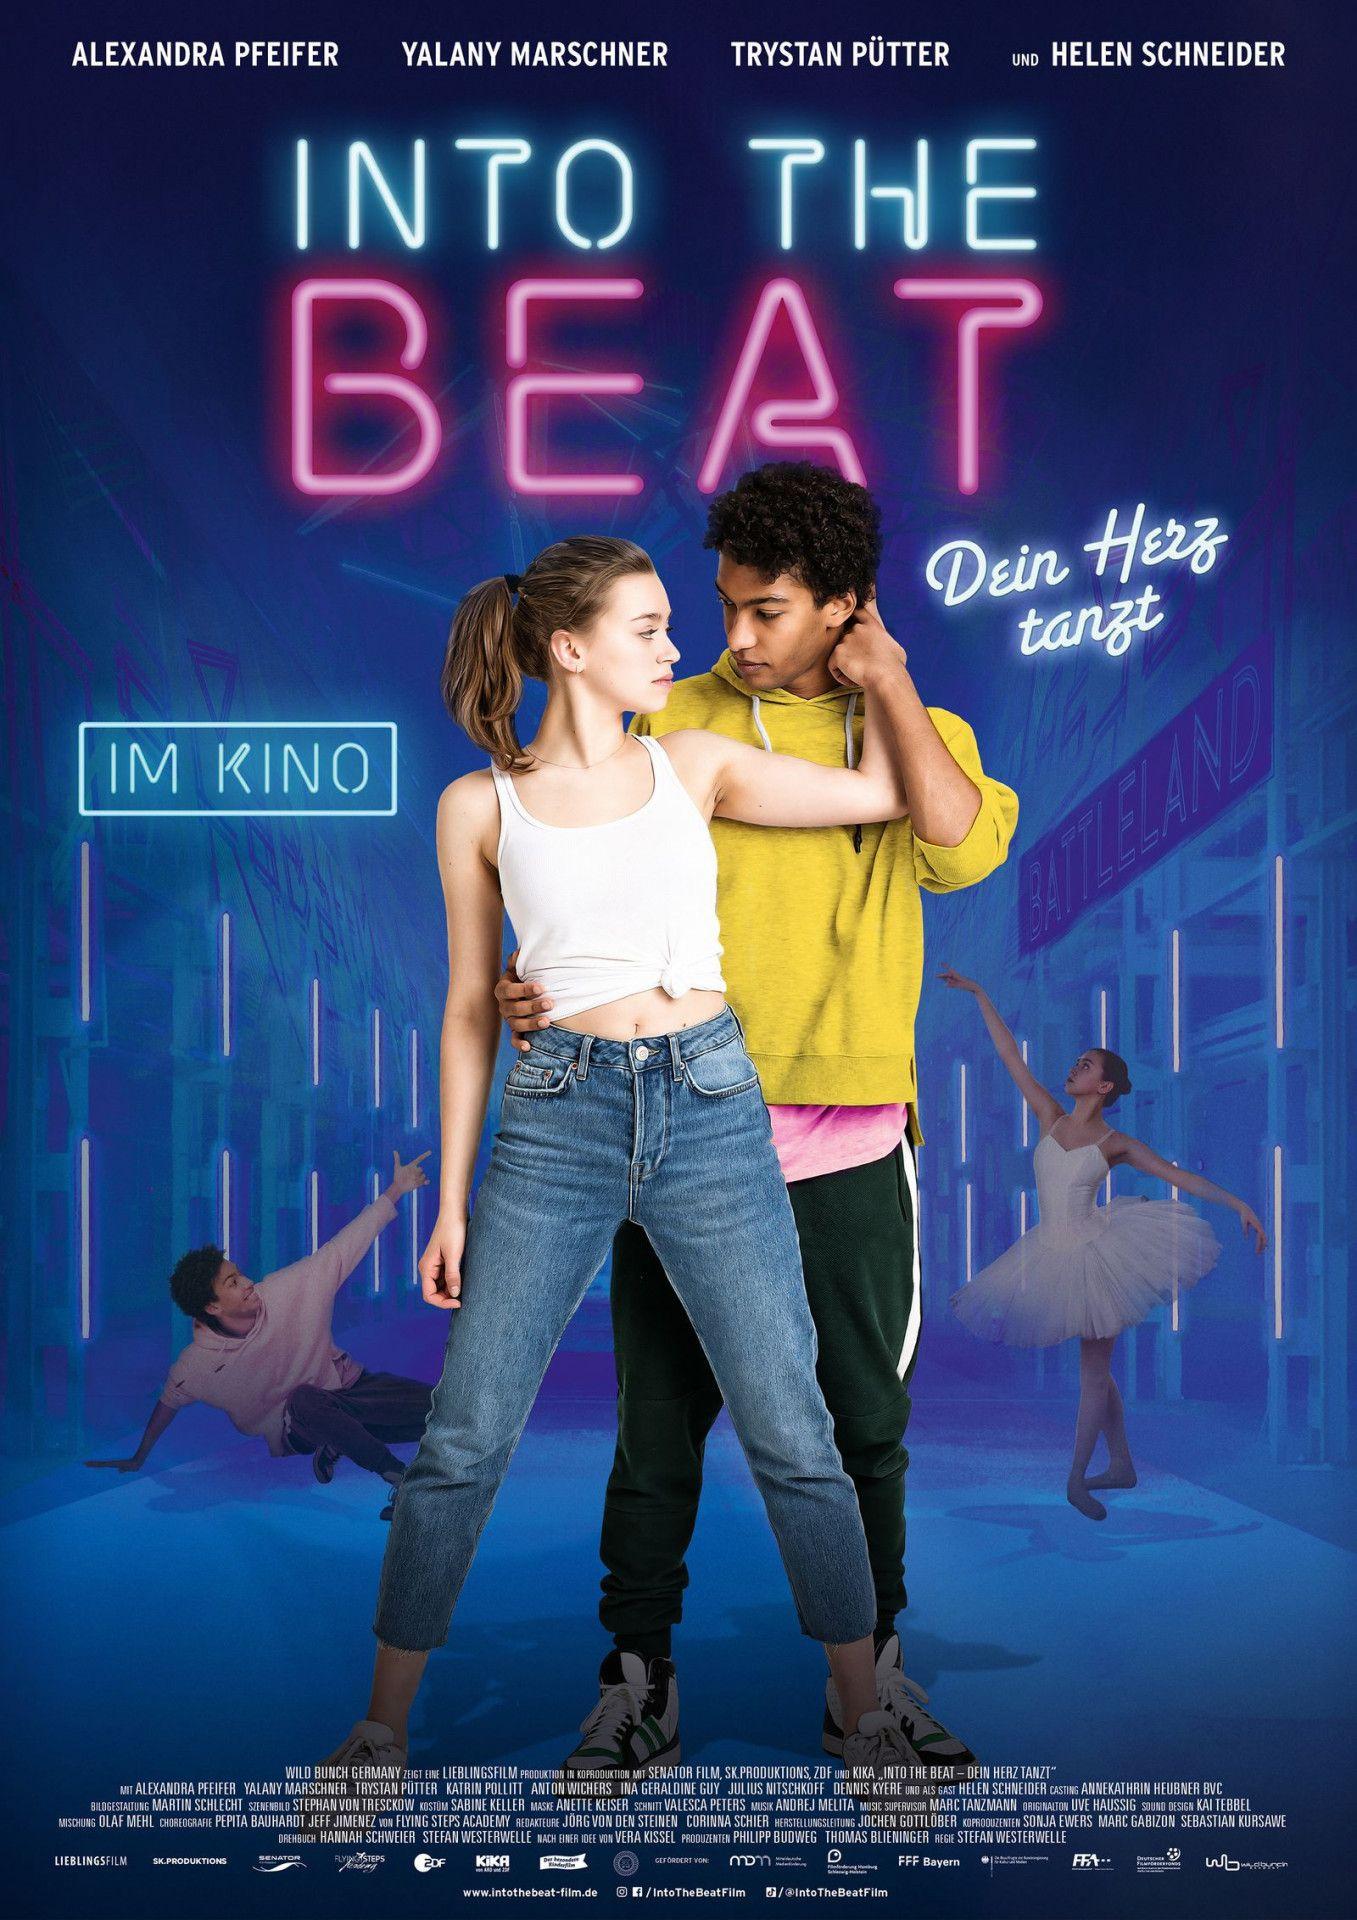 """Auch wenn die Handlung recht vorhersehbar ist, gefällt das Tanzdrama """"Into the Beat - Dein Herz tanzt"""" dank schwungvoller Tanzeinlagen."""